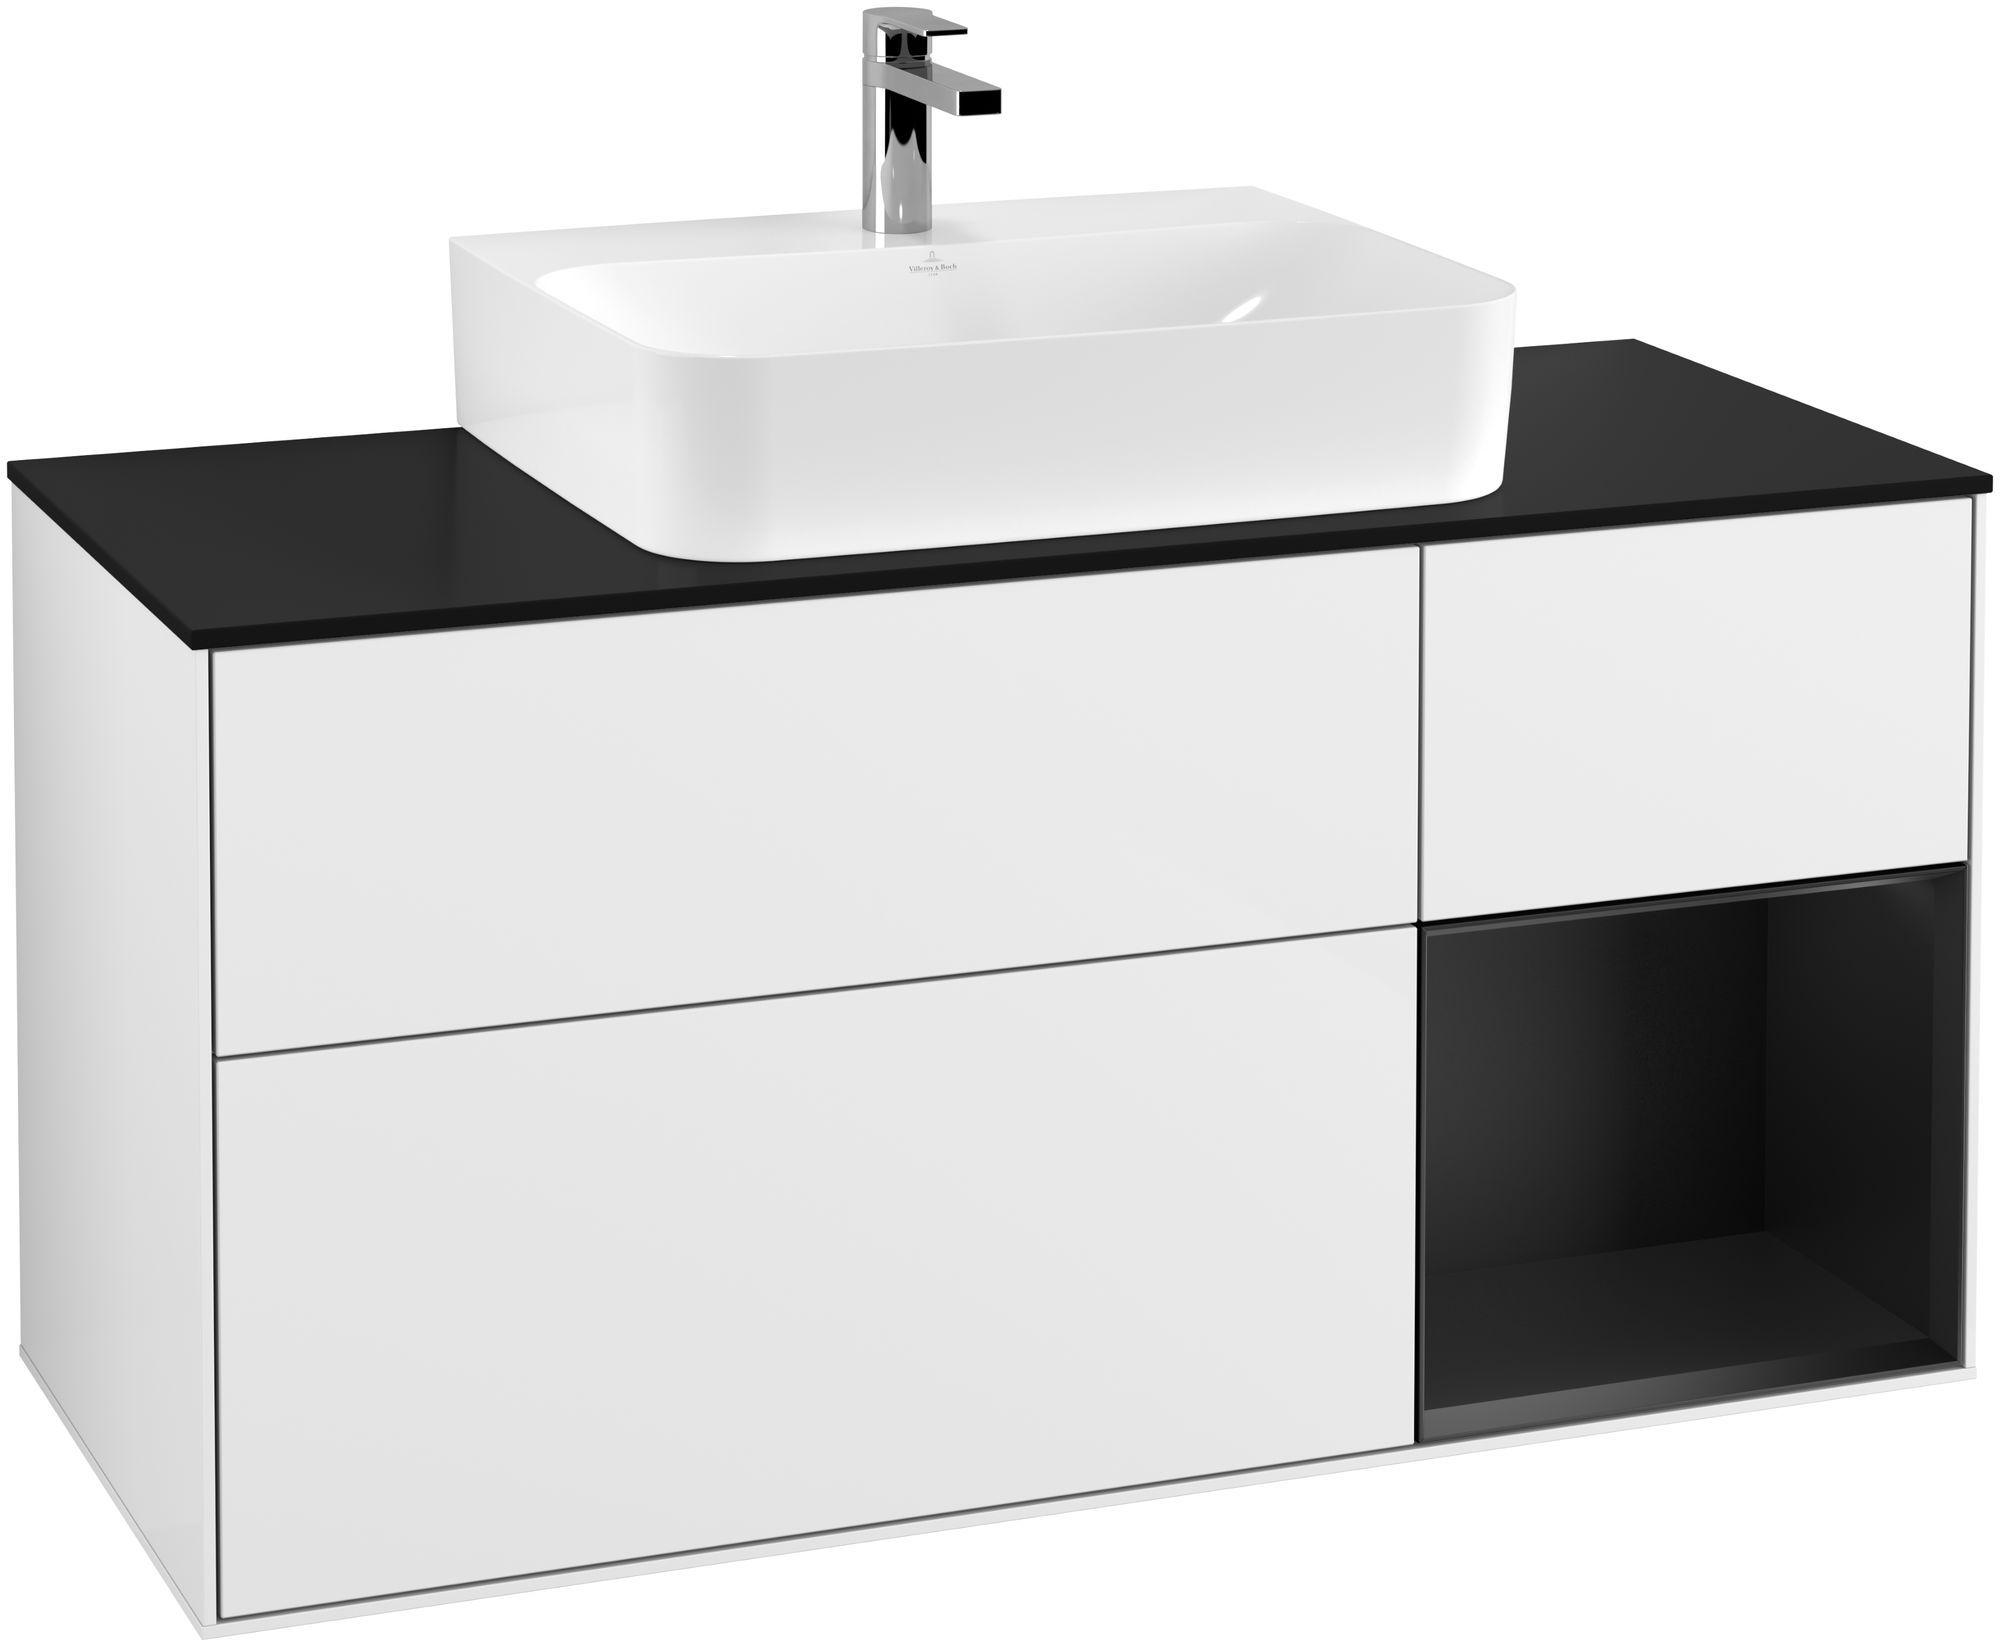 Villeroy & Boch Finion G17 Waschtischunterschrank mit Regalelement 3 Auszüge Waschtisch mittig LED-Beleuchtung B:120xH:60,3xT:50,1cm Front, Korpus: Glossy White Lack, Regal: Black Matt Lacquer, Glasplatte: Black Matt G172PDGF